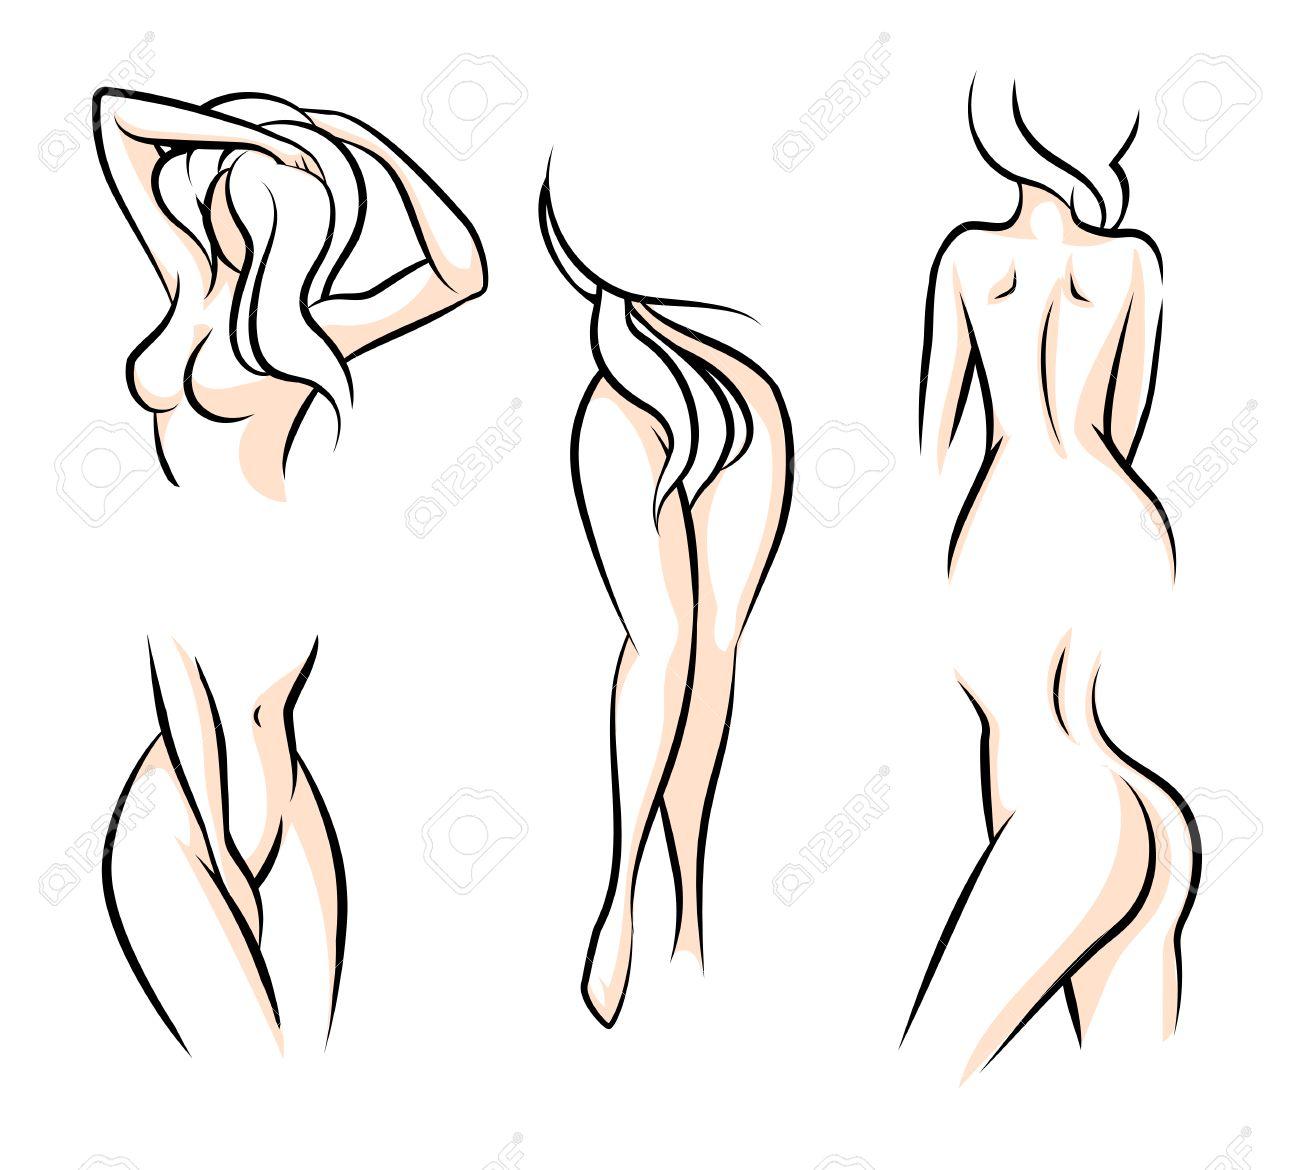 Beste Weibliche Körperteile Bilder Fotos - Anatomie Ideen - finotti.info